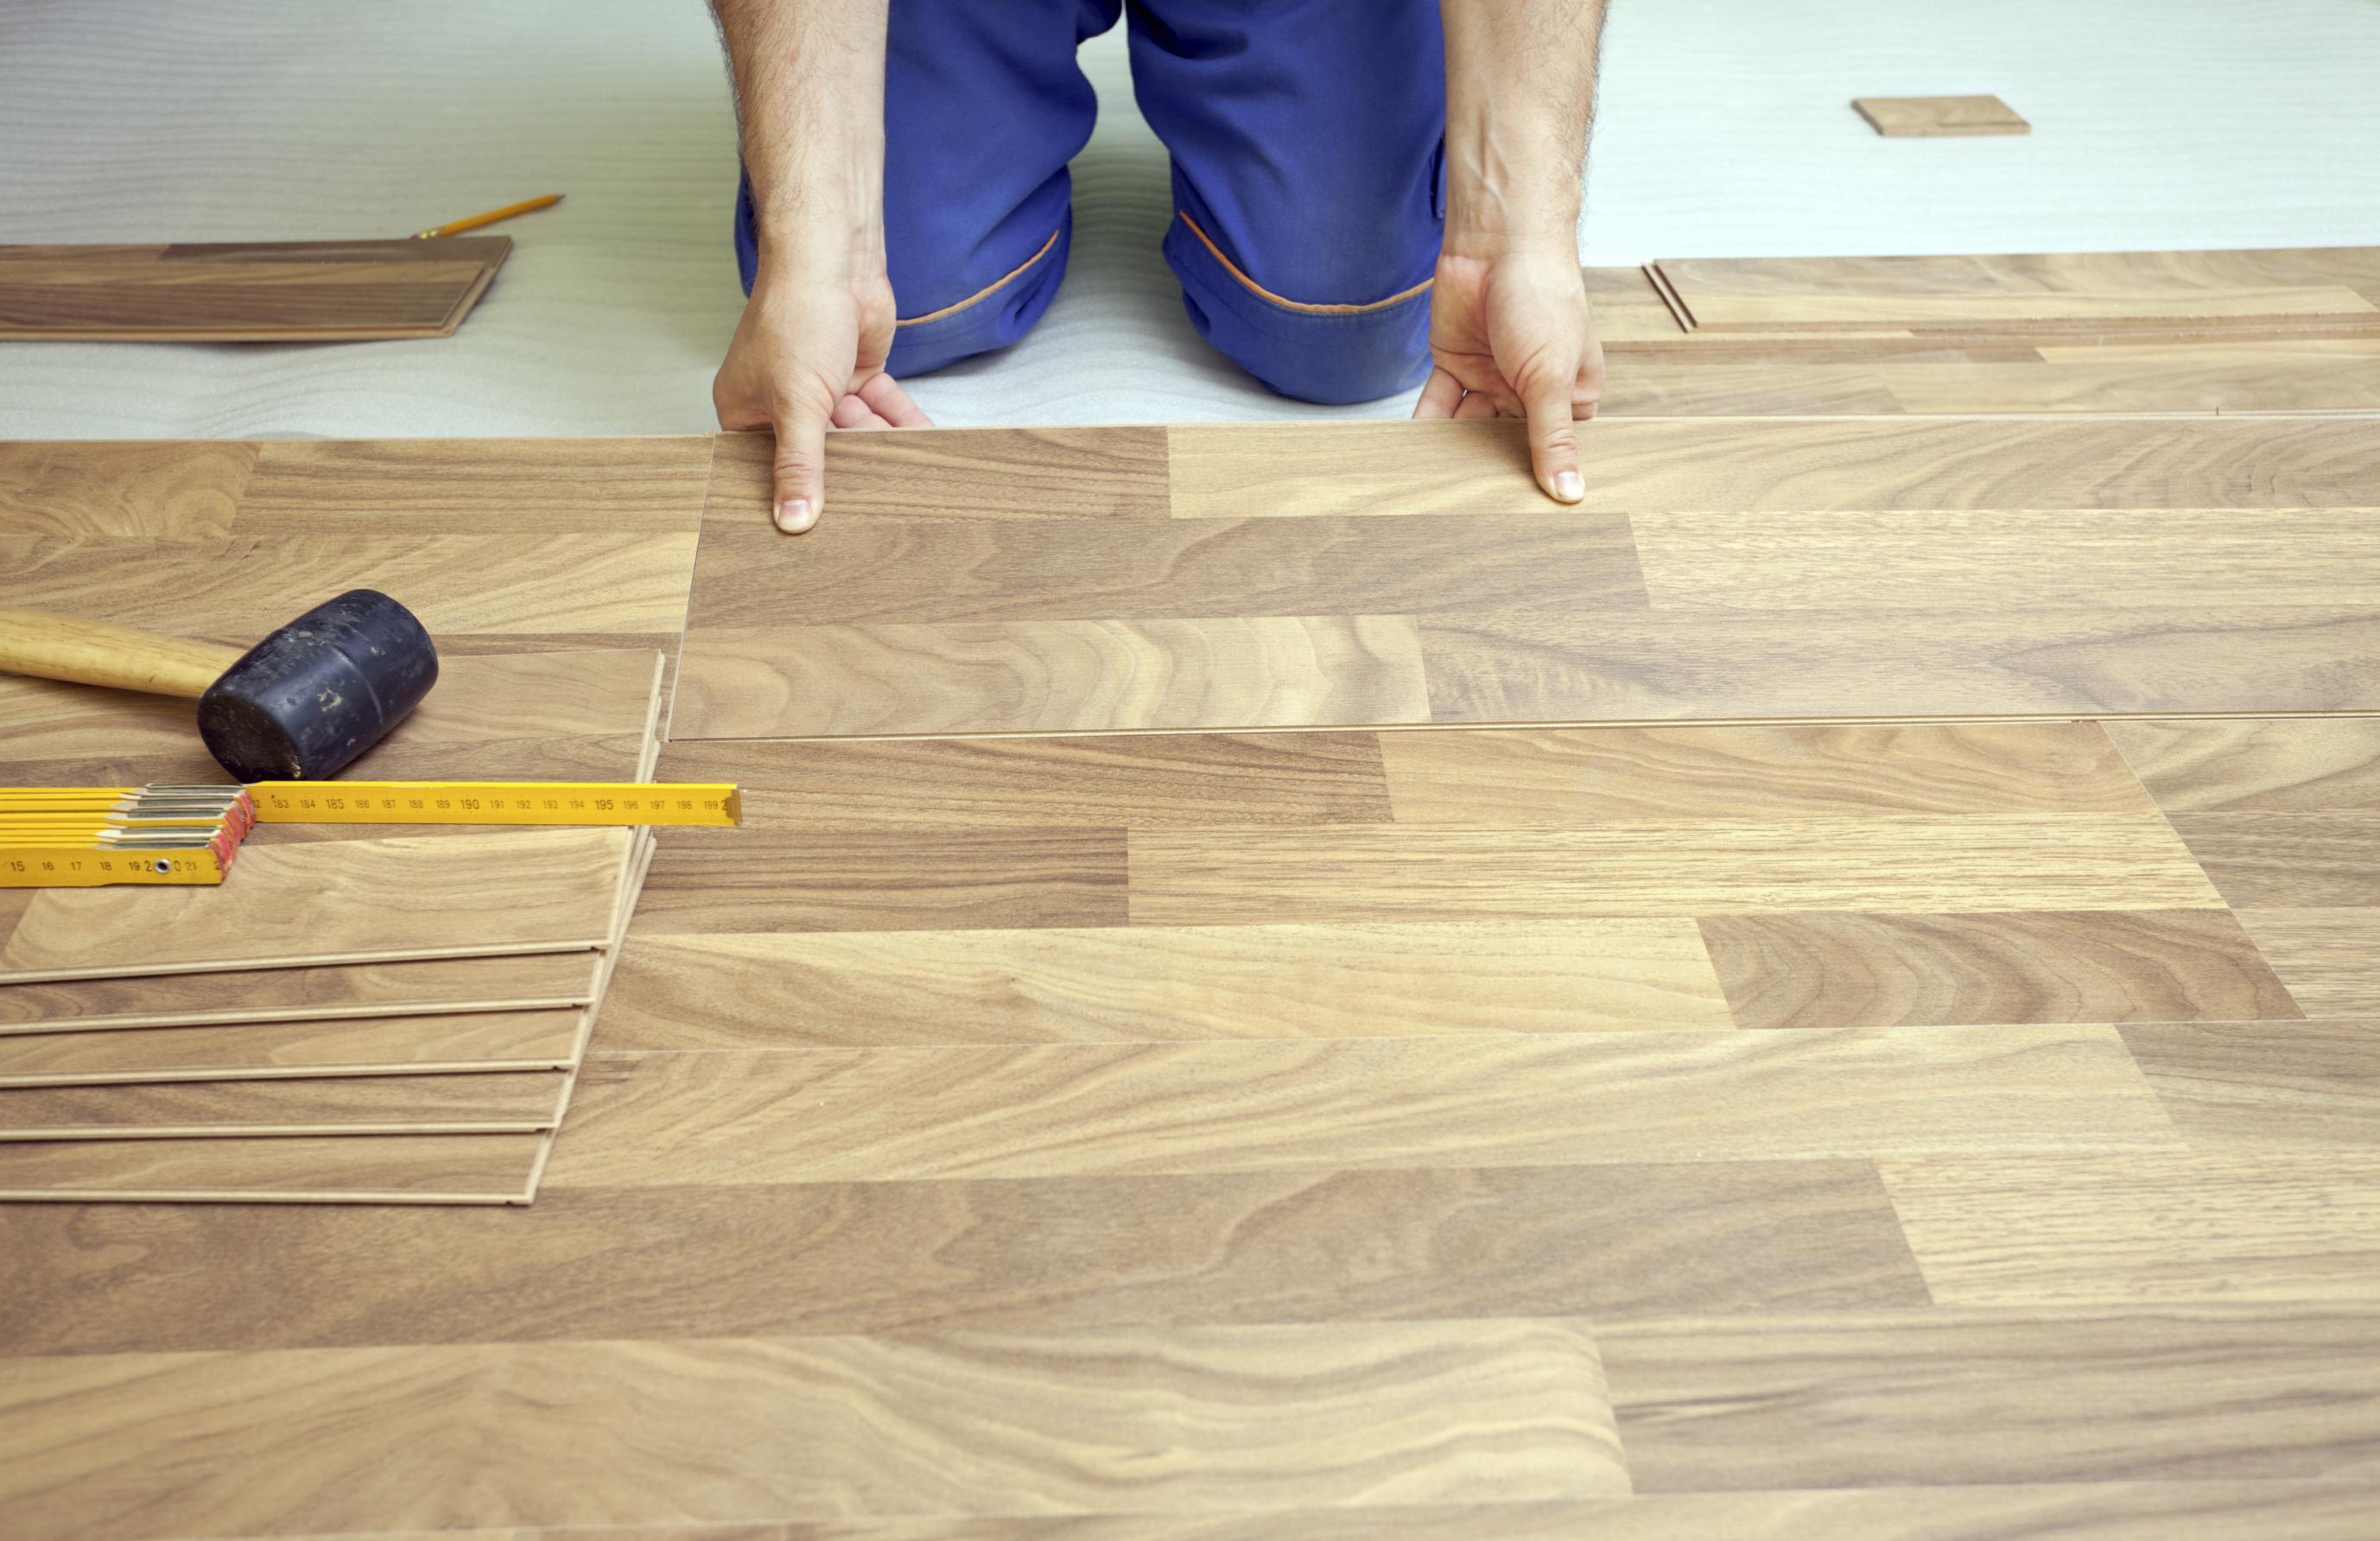 Your guide to waterproof flooring builders surplus benefits of laminate waterproof flooring dailygadgetfo Gallery